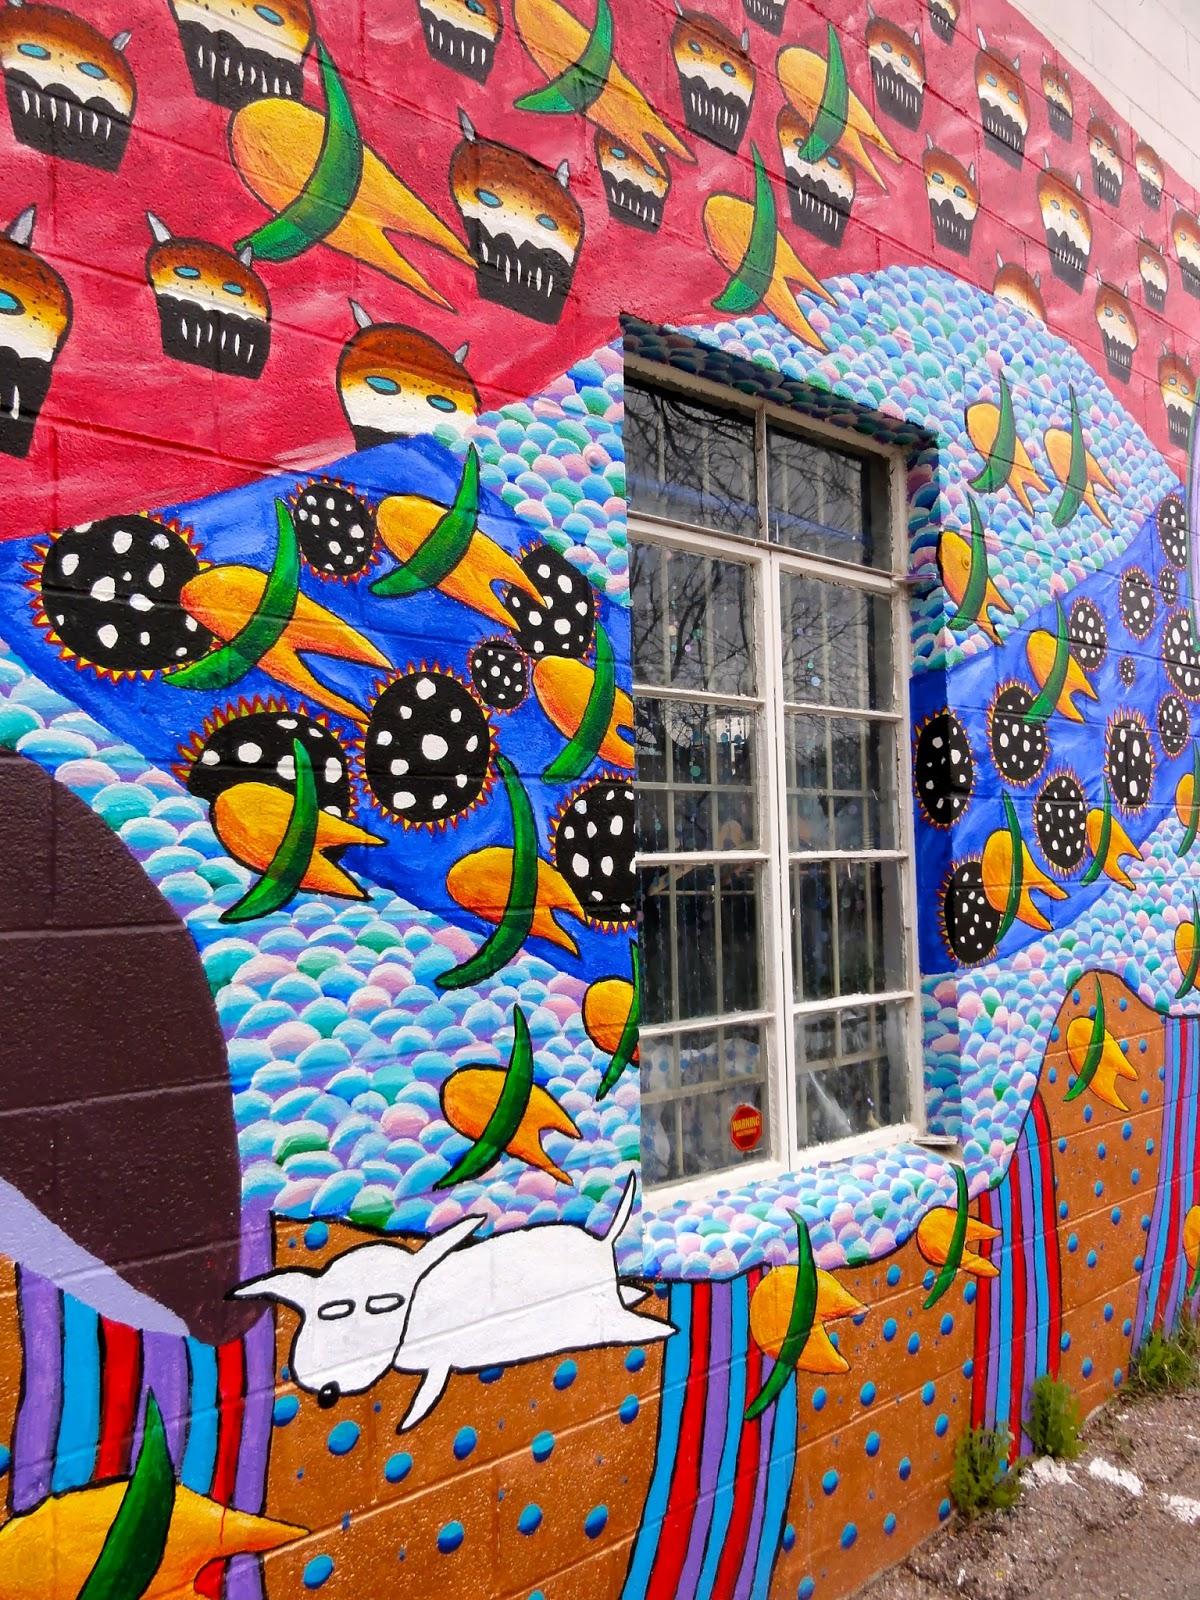 sc 1 st  Free Fun In Austin & Exploring Austin Street Art: Graffiti Murals u0026 Mosaics 2017 Edition